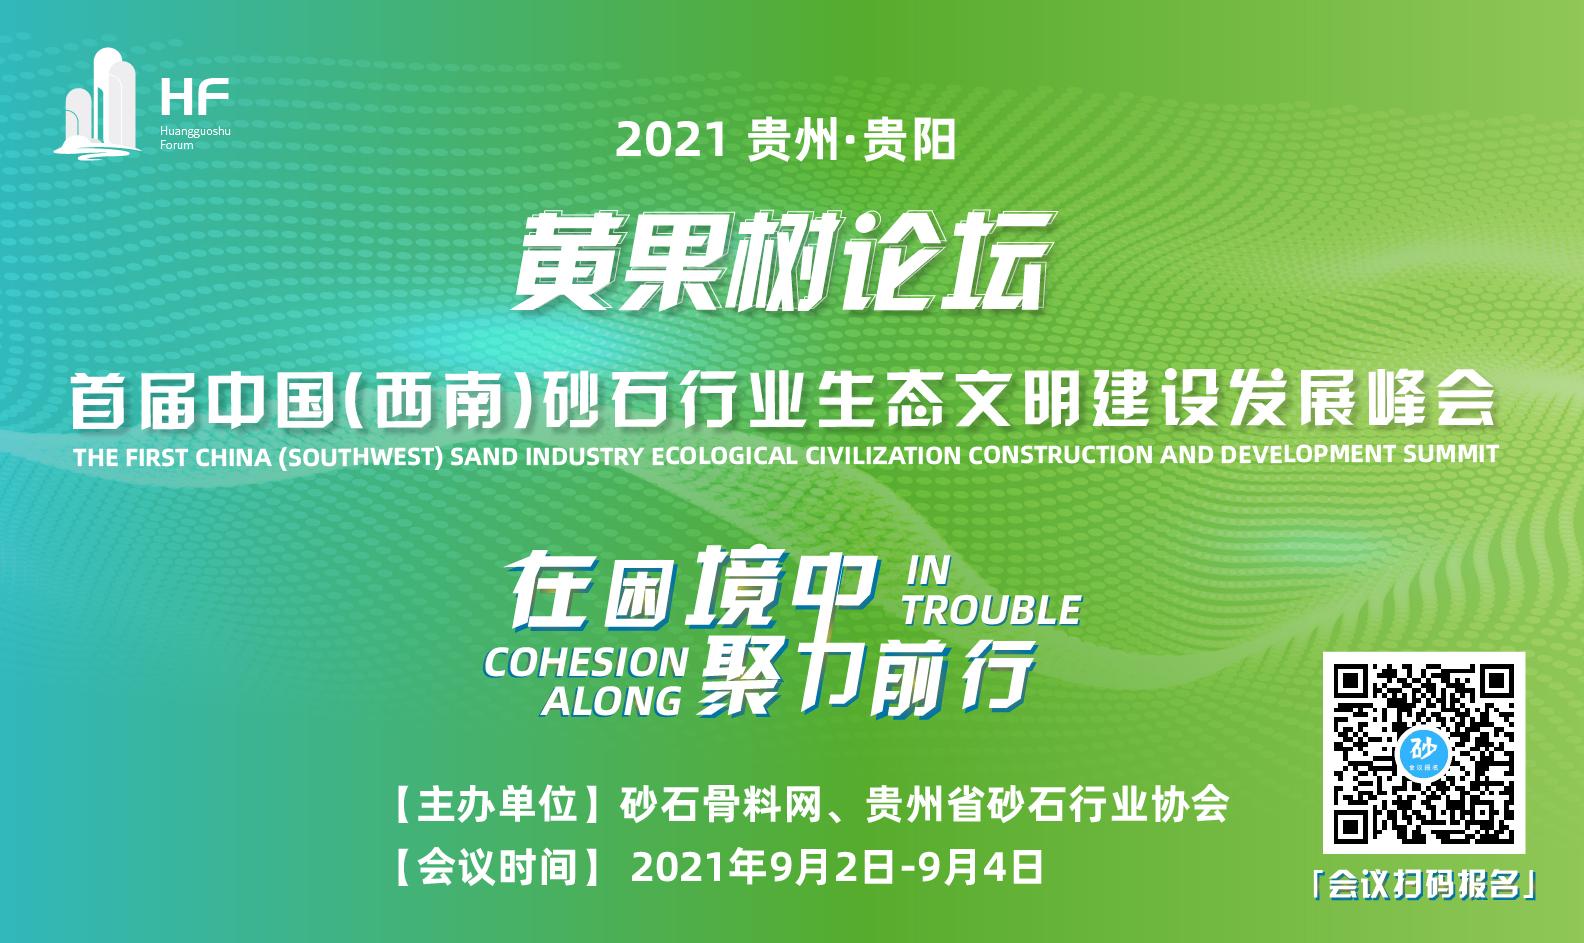 關于召開首屆中國(西南)砂石行業生態文明建設發展峰會的通知